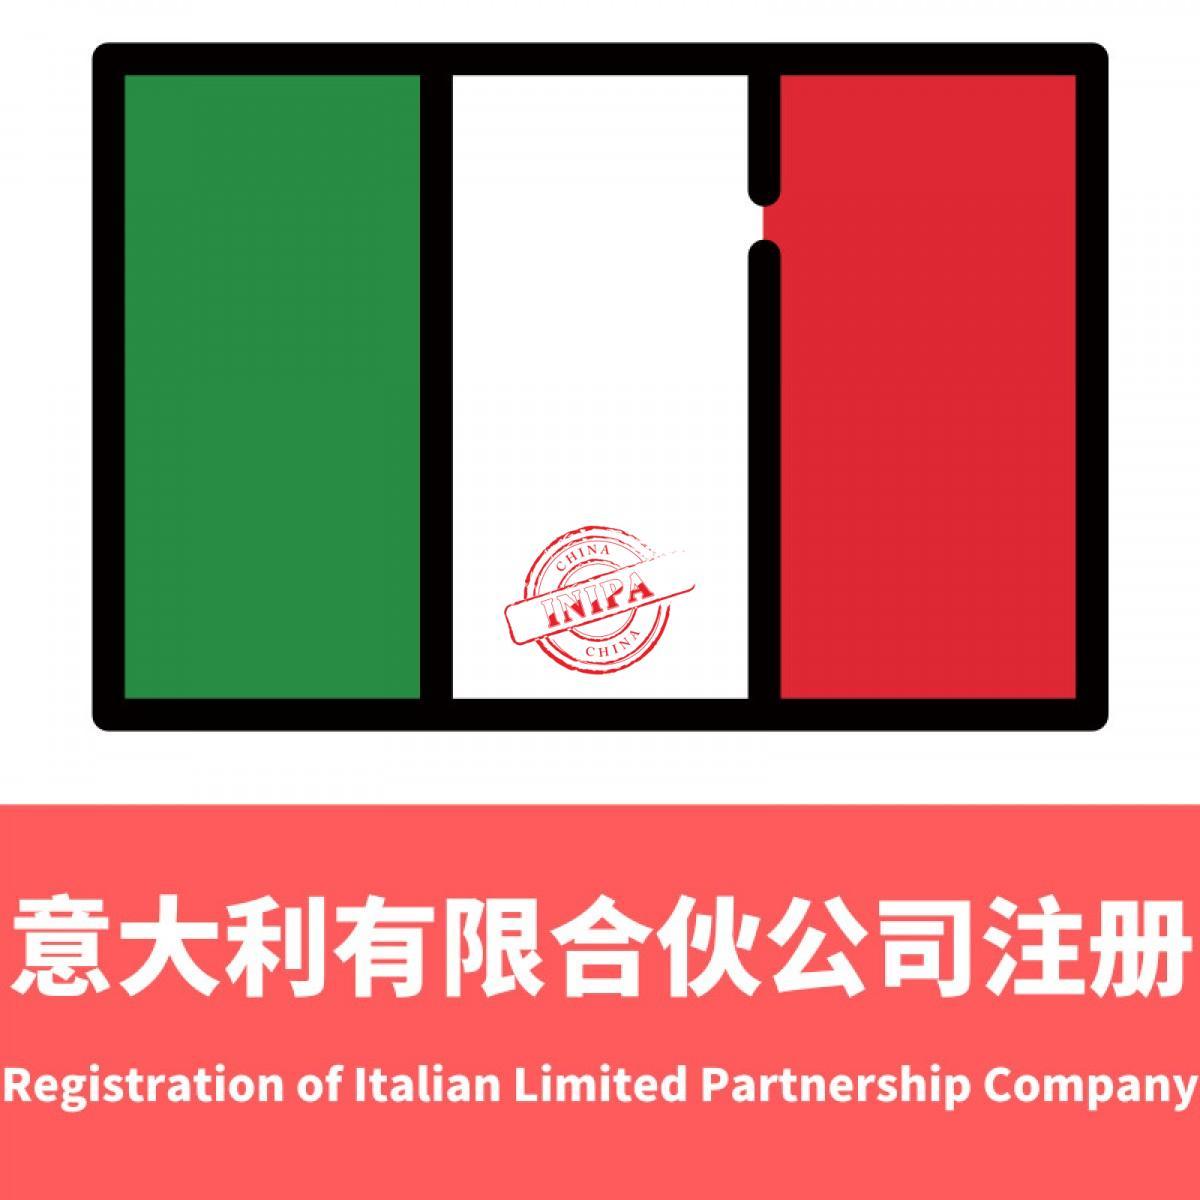 意大利有限合伙公司注册丨专业代理注册意大利有限合伙公司